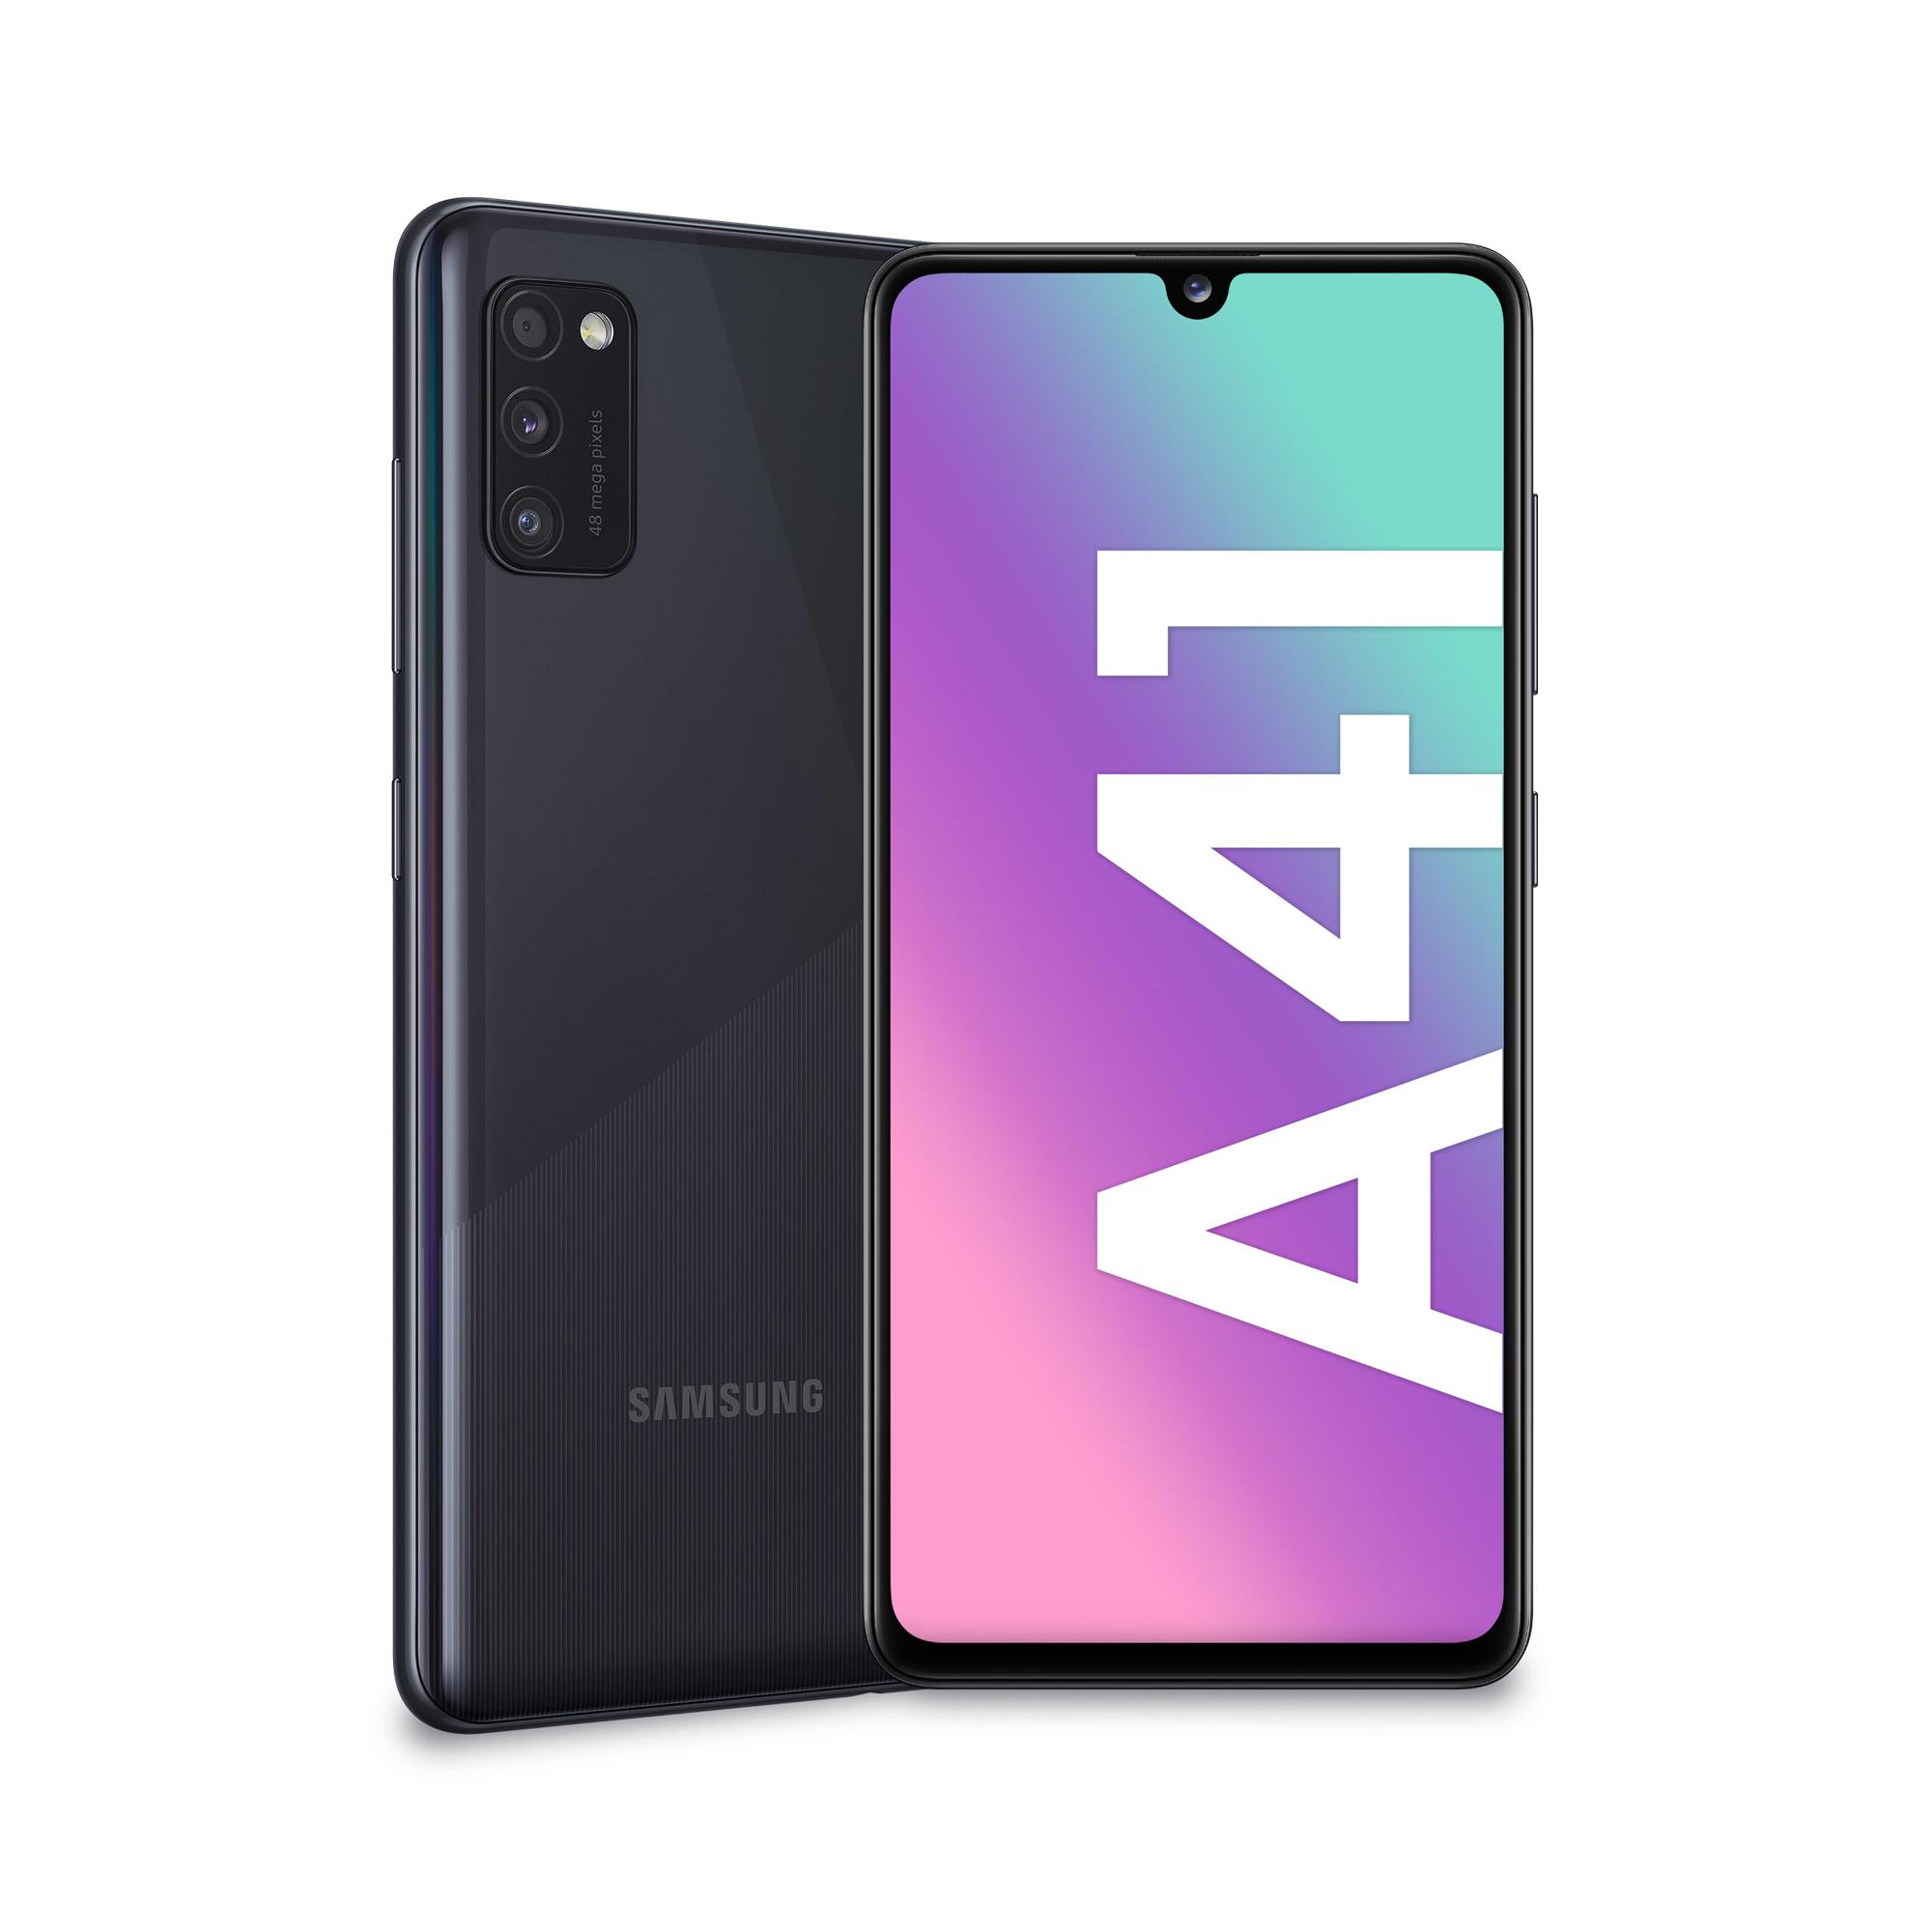 Samsung Galaxy A41 SM-A415F/DSN - 15,5 cm (6.1 Zoll) - 1080 x 2400 Pixel - 4 GB - 64 GB - 48 MP - Schwarz